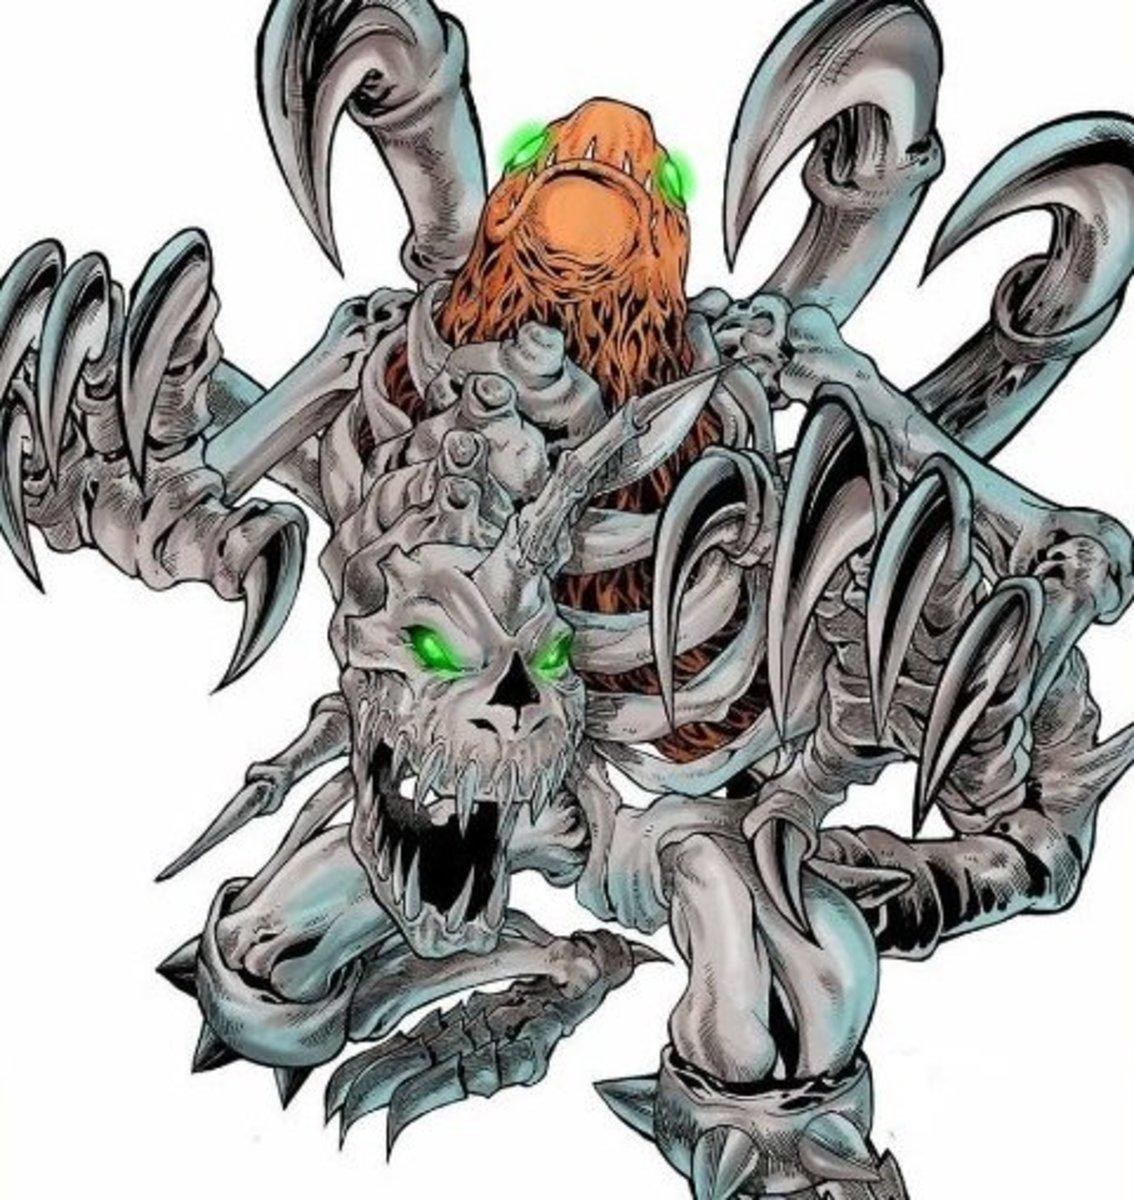 Top 10 Digivolution Methods in Digimon